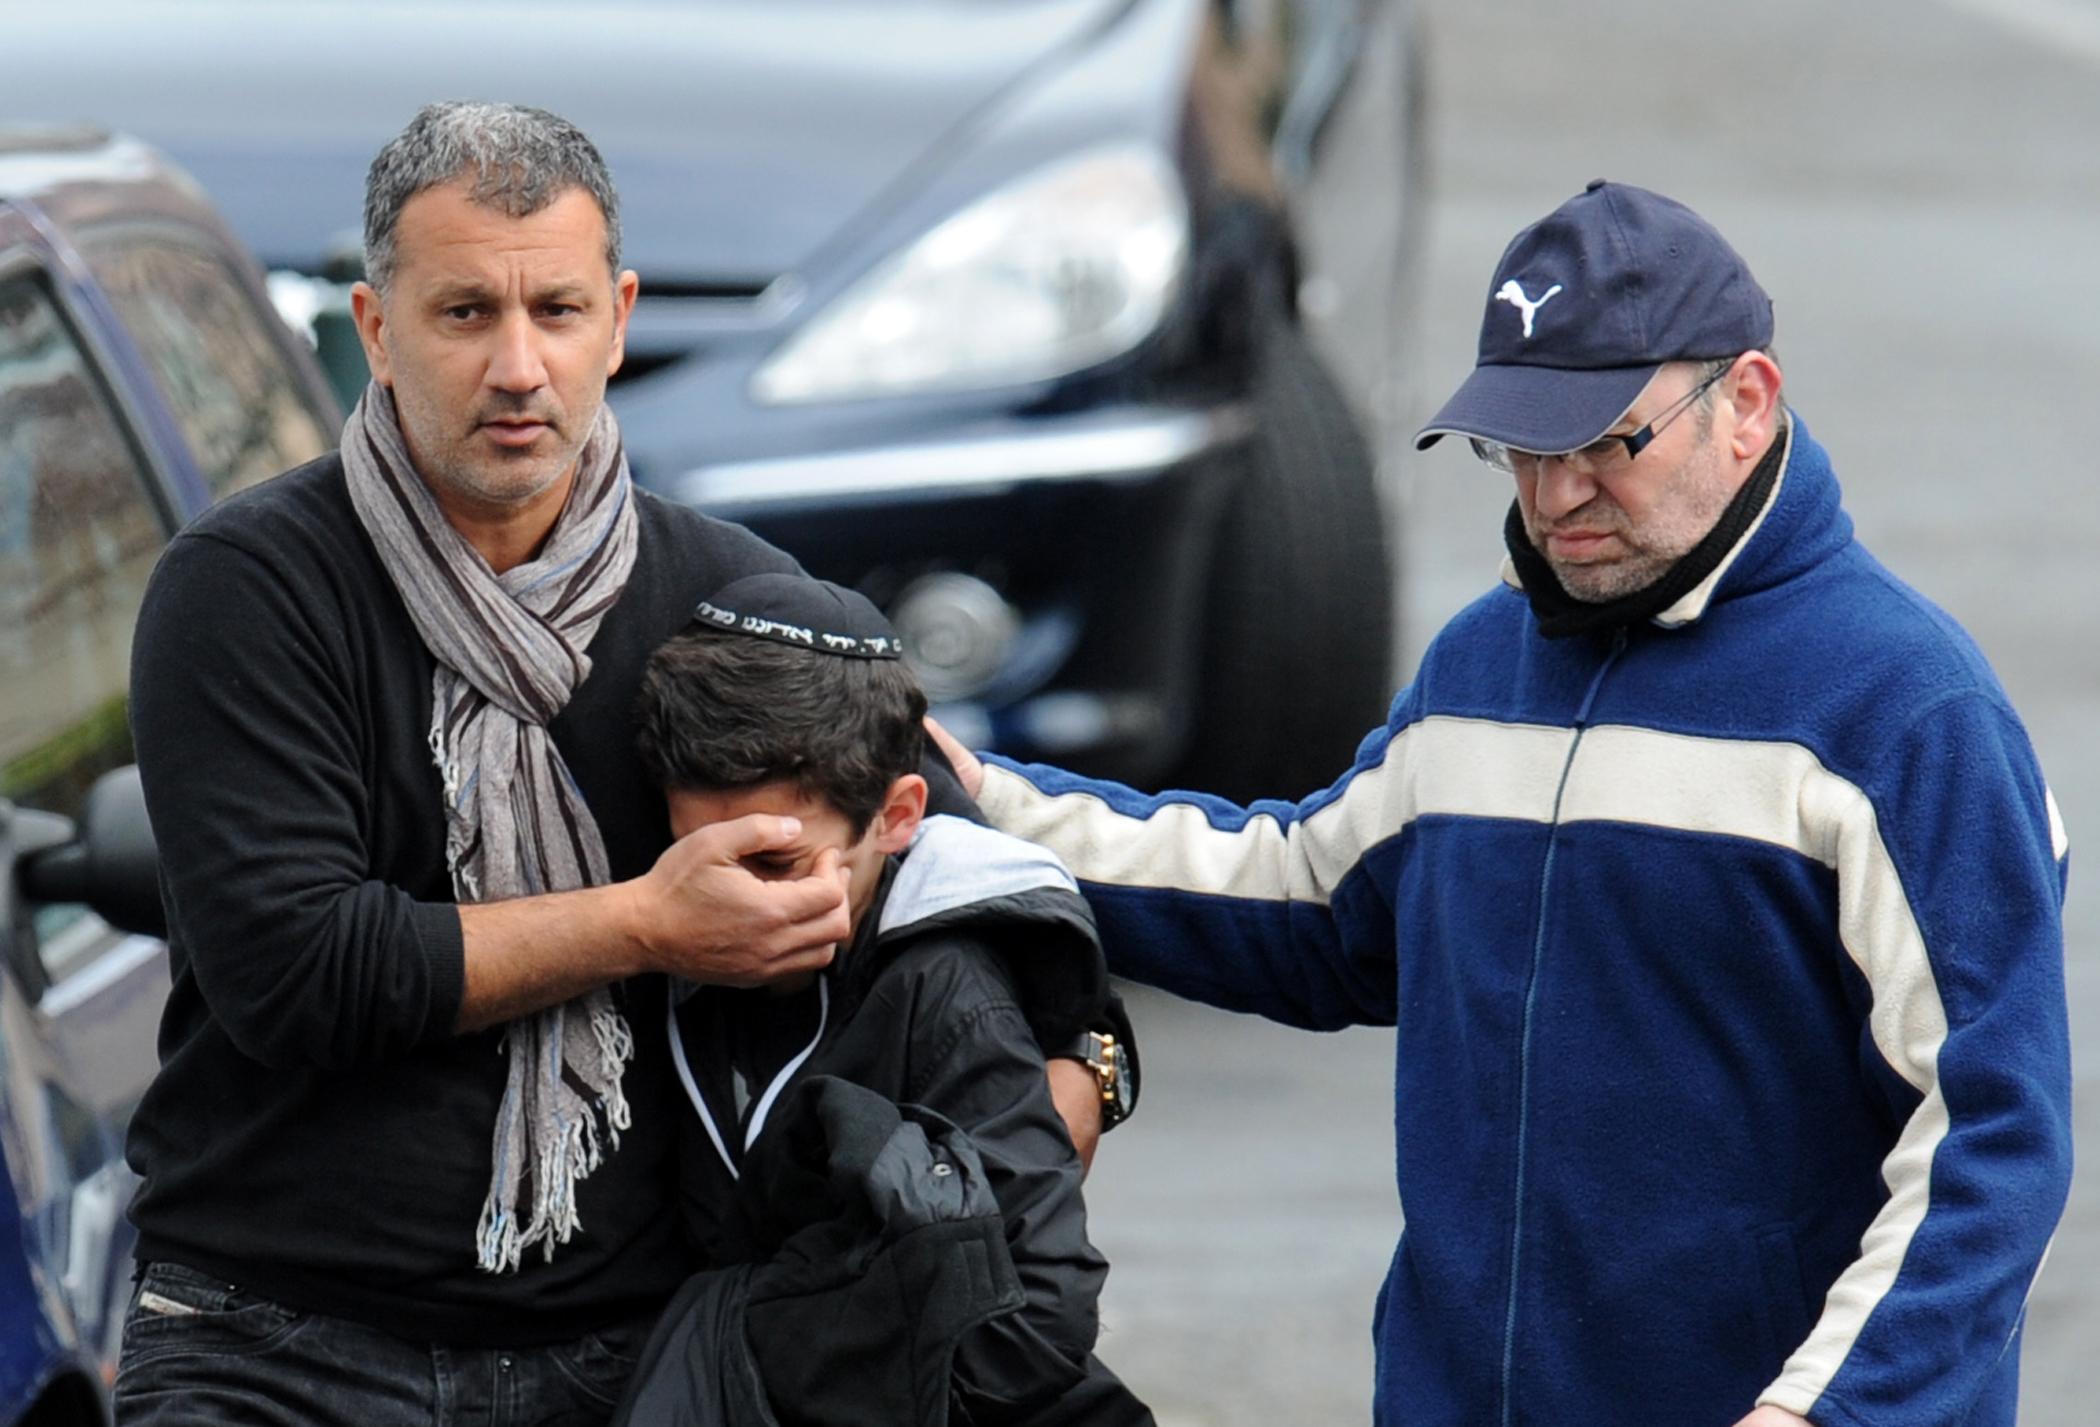 Франція сумує за жертвами в Тулузі. Фото: KENZO TRIBOUILLARD/AFP/Getty Images